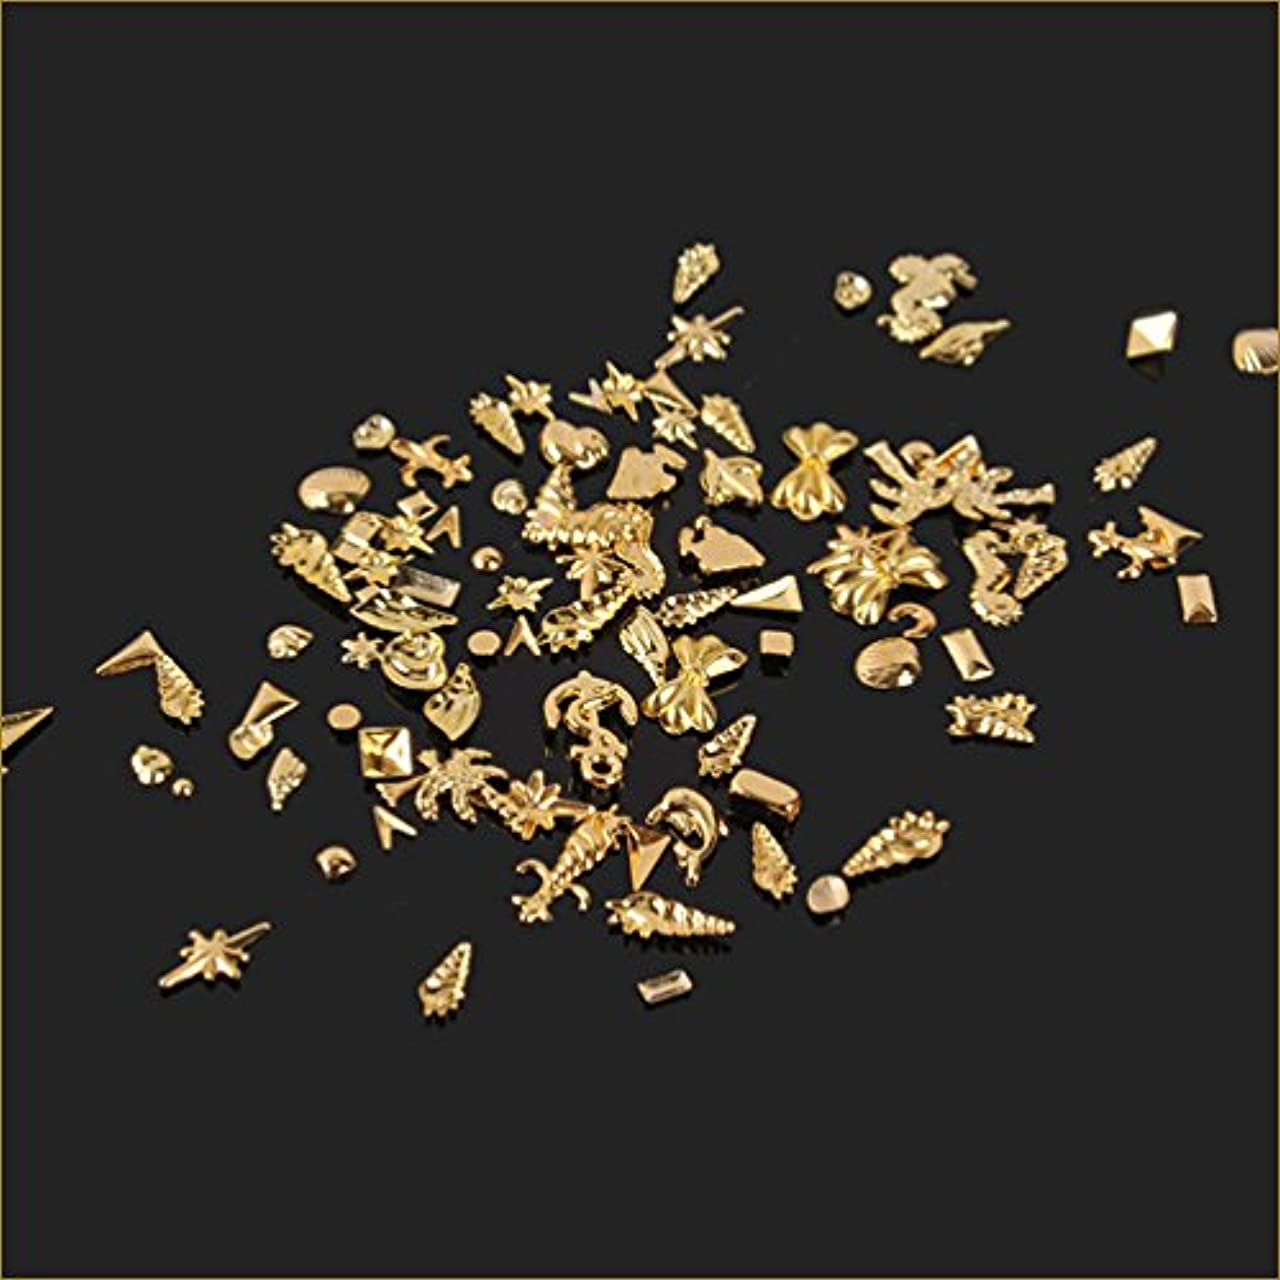 子供時代延ばす単位ネイルパーツ シェルパーツ ネイルアートパーツ 貝海系 100個入りサマーゴールド スタッズ ジェルネイル